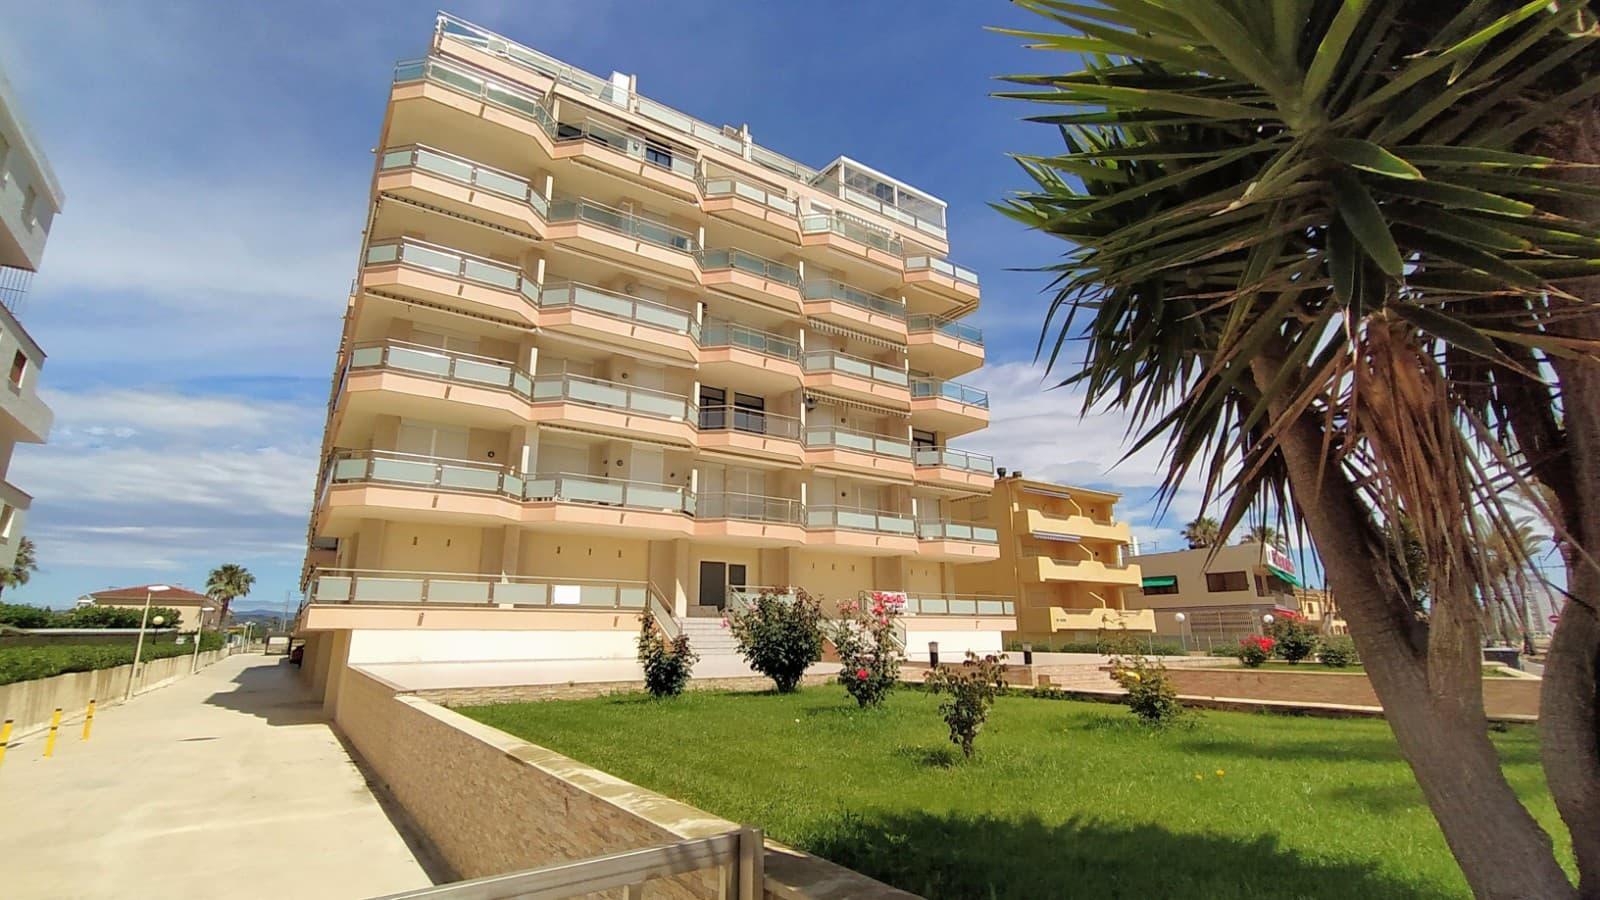 2 quarto Apartamento para venda em Peniscola com piscina - 116 000 € (Ref: 5531701)